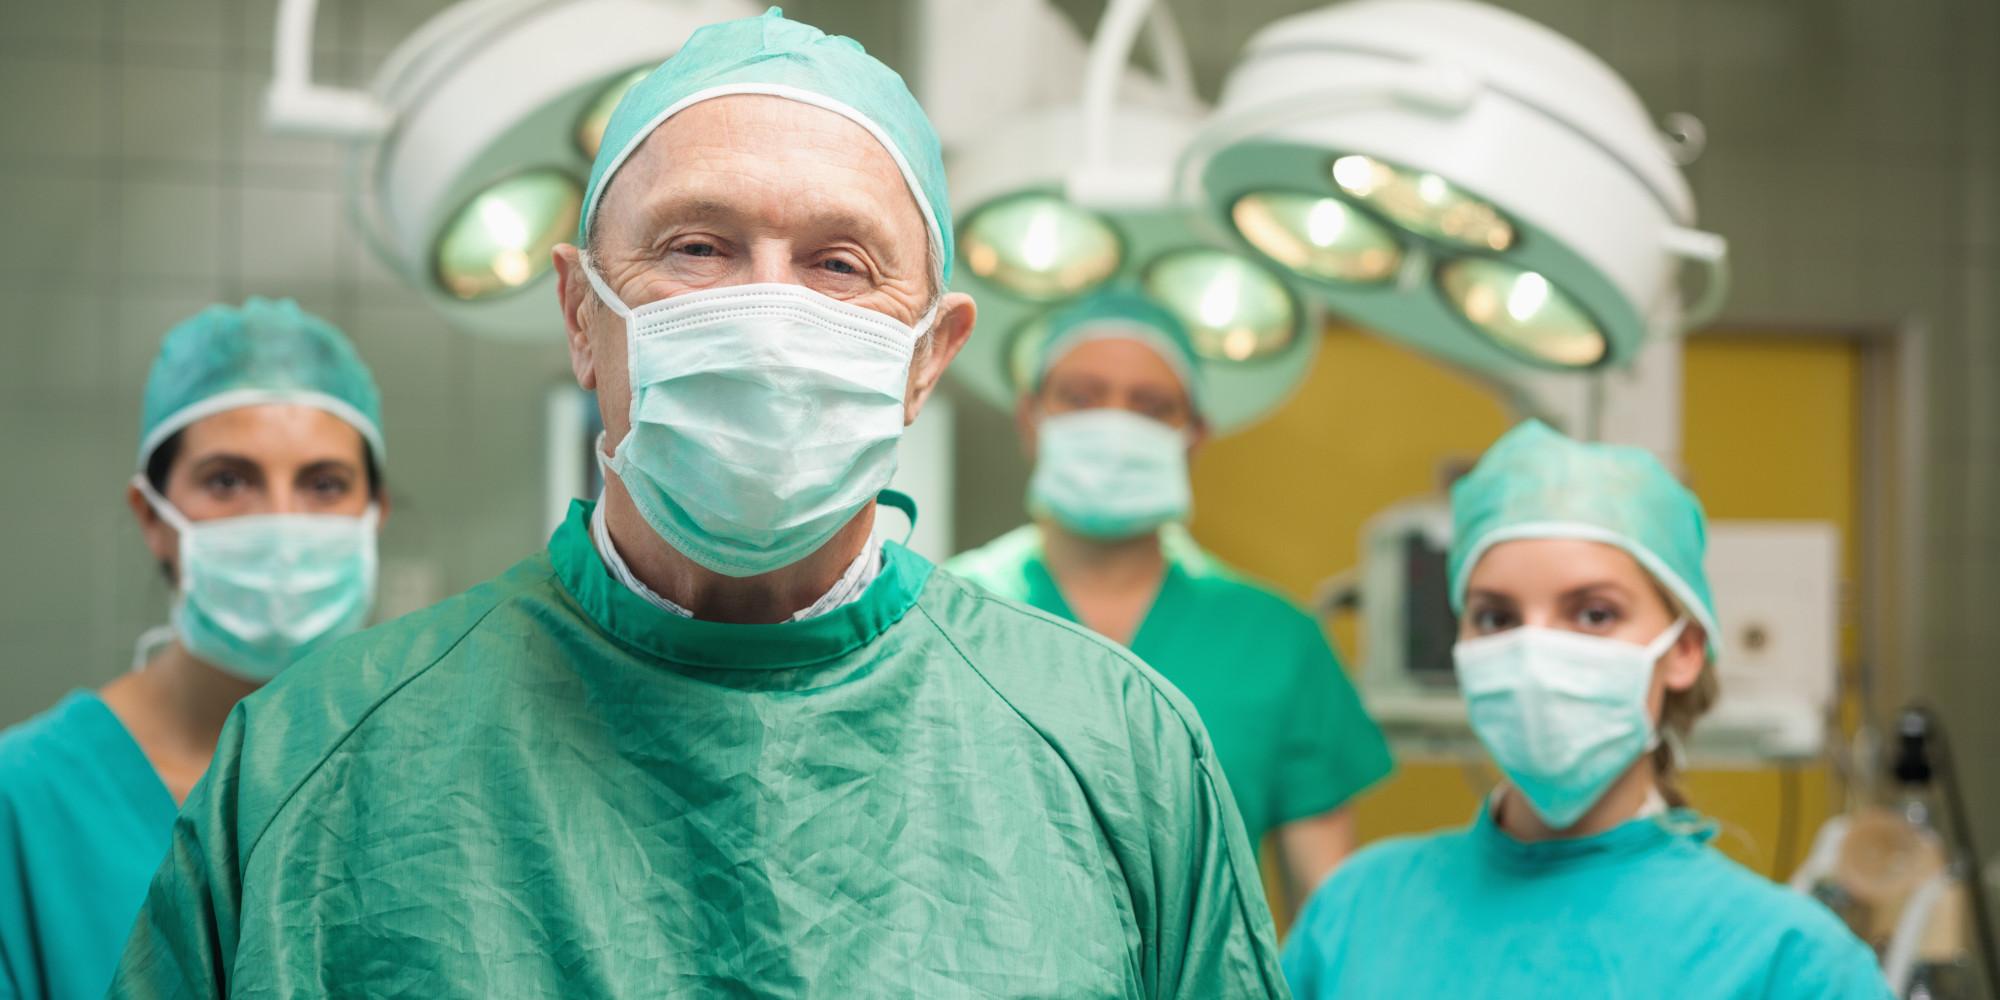 Операция назначается доктором